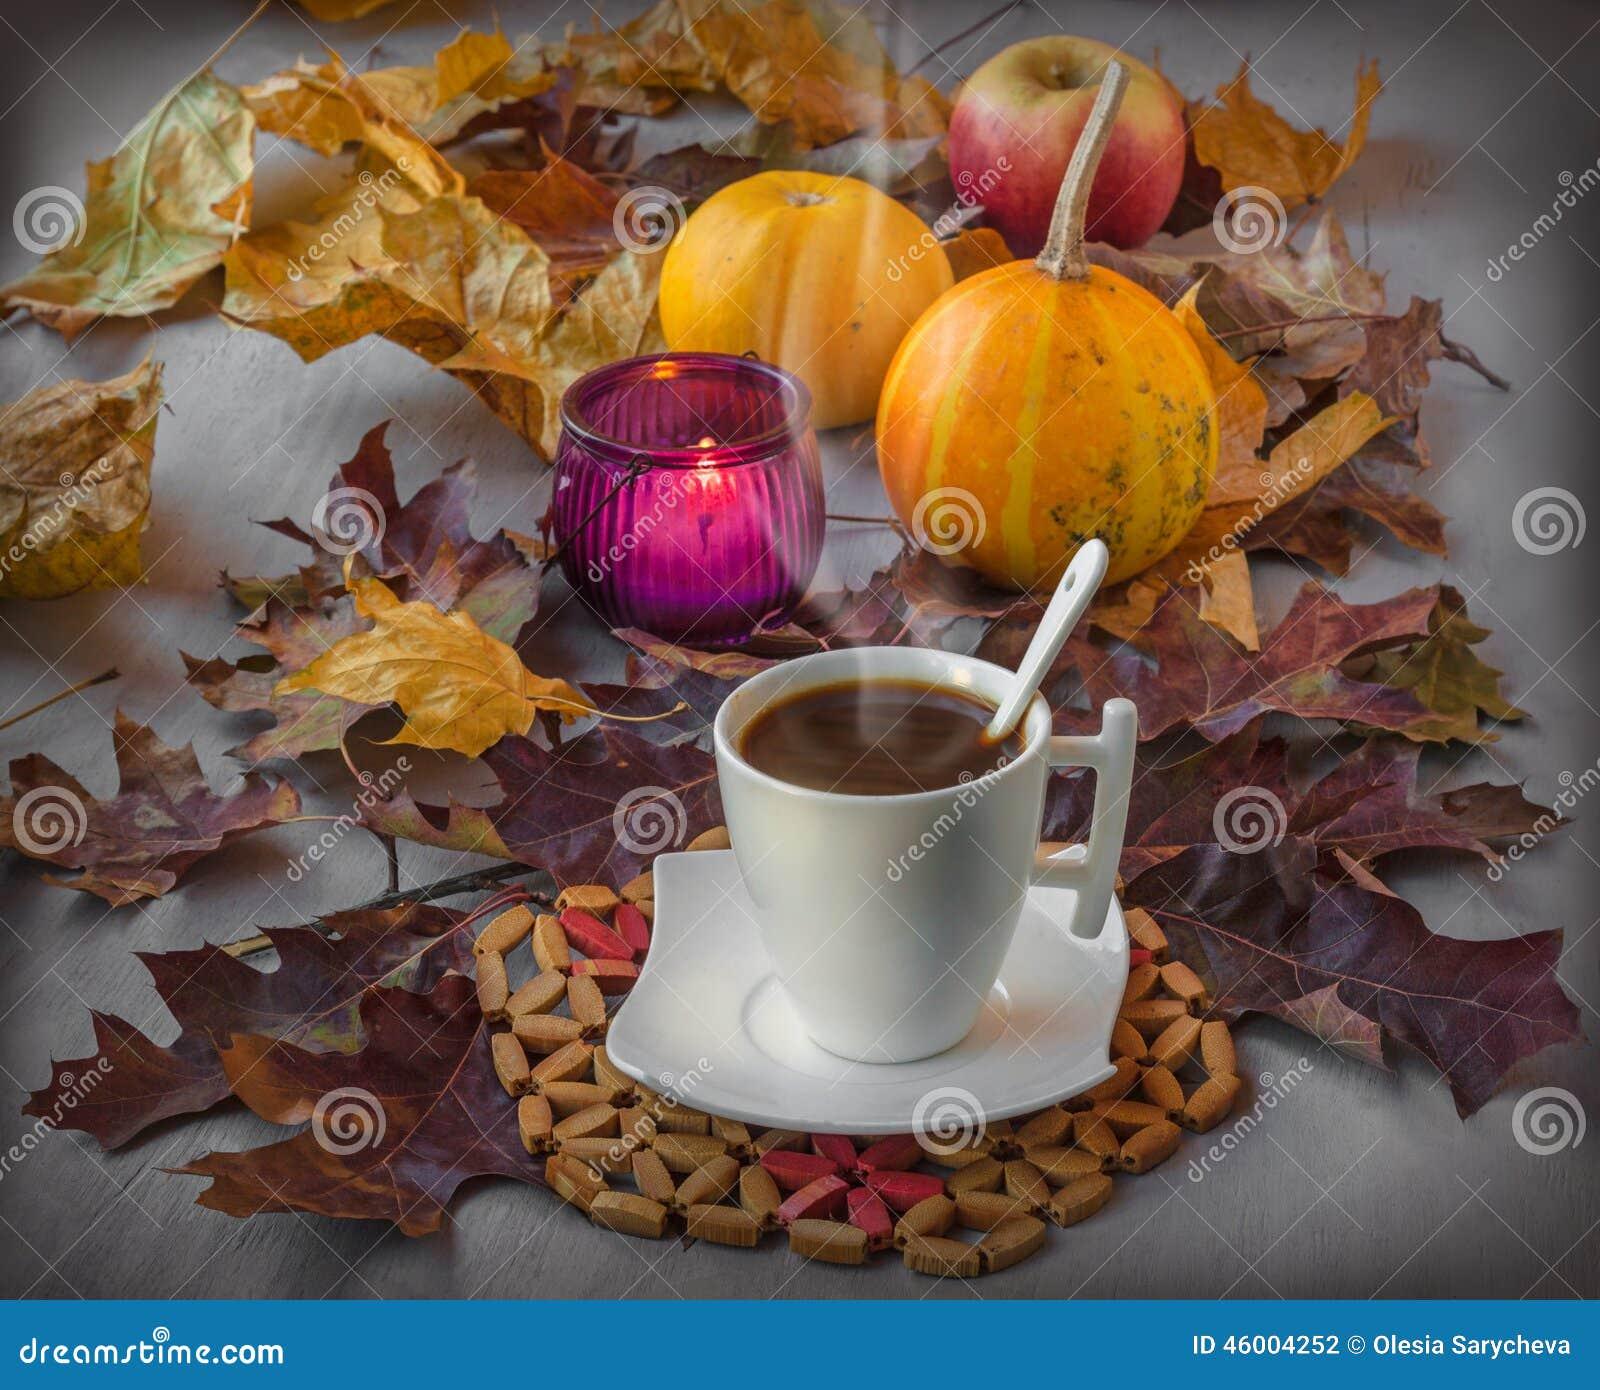 tasse de caf halloween photo stock image 46004252. Black Bedroom Furniture Sets. Home Design Ideas